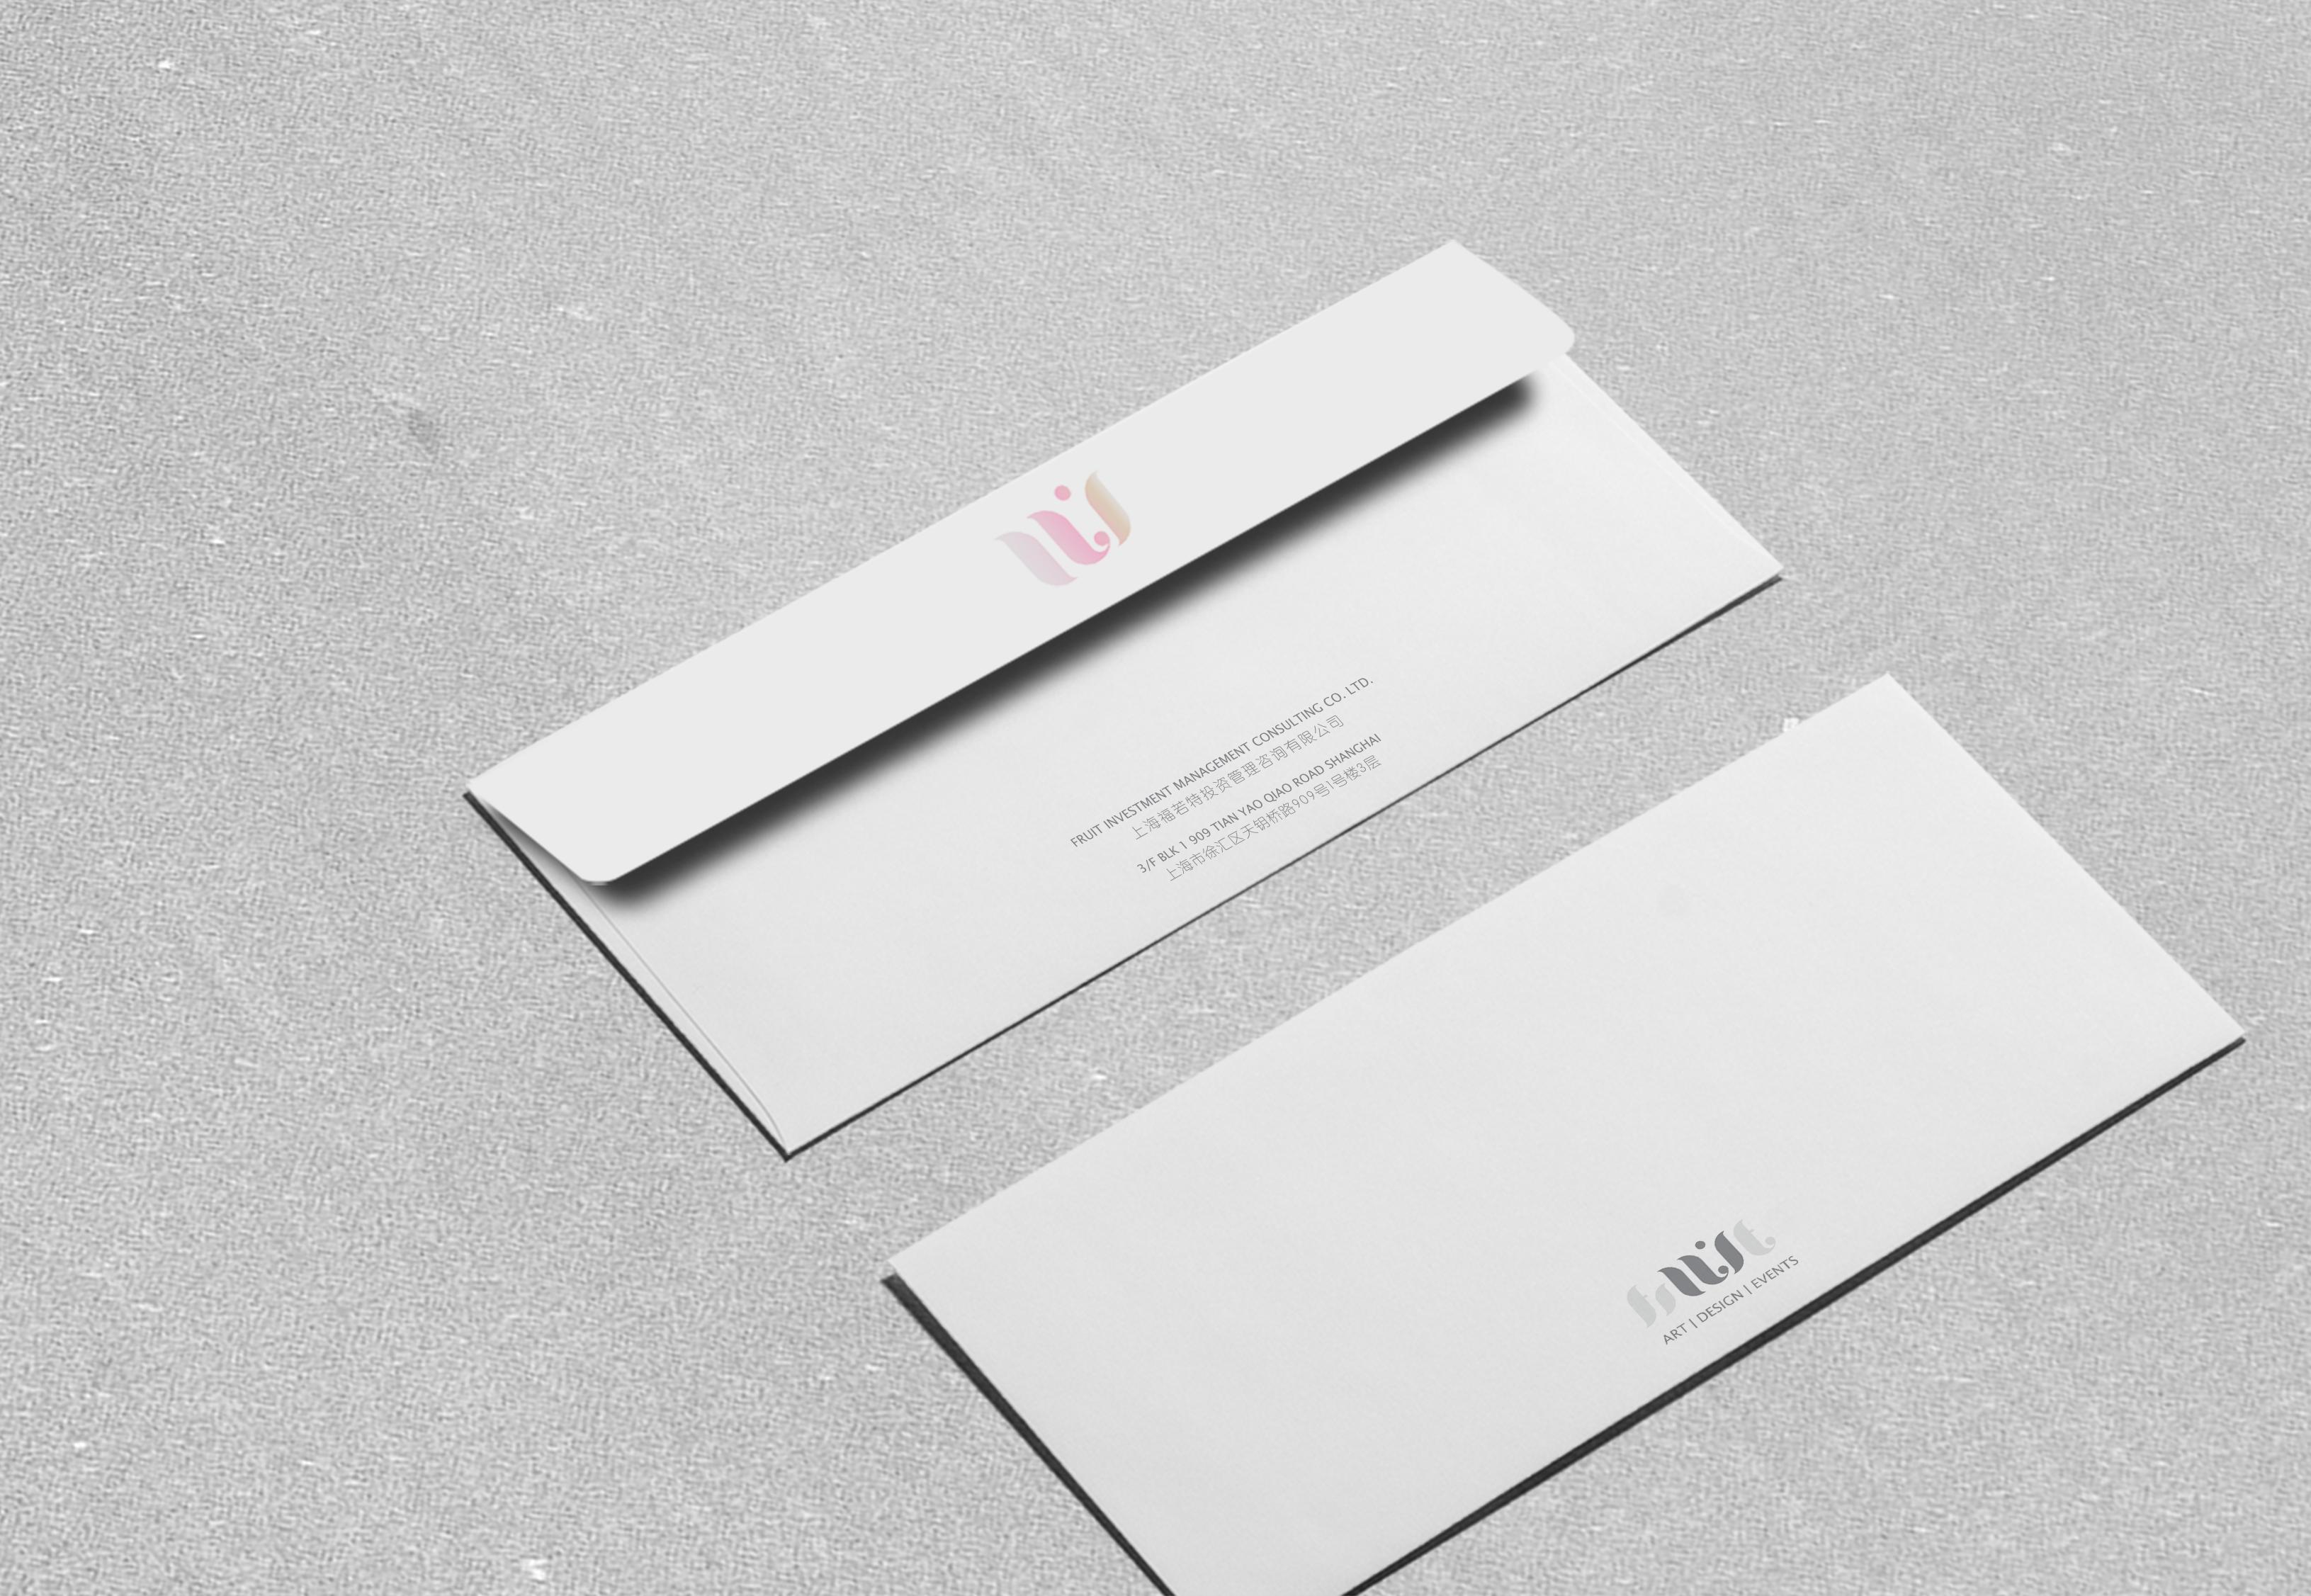 查看《UI Branding Design》原图,原图尺寸:3262x2253